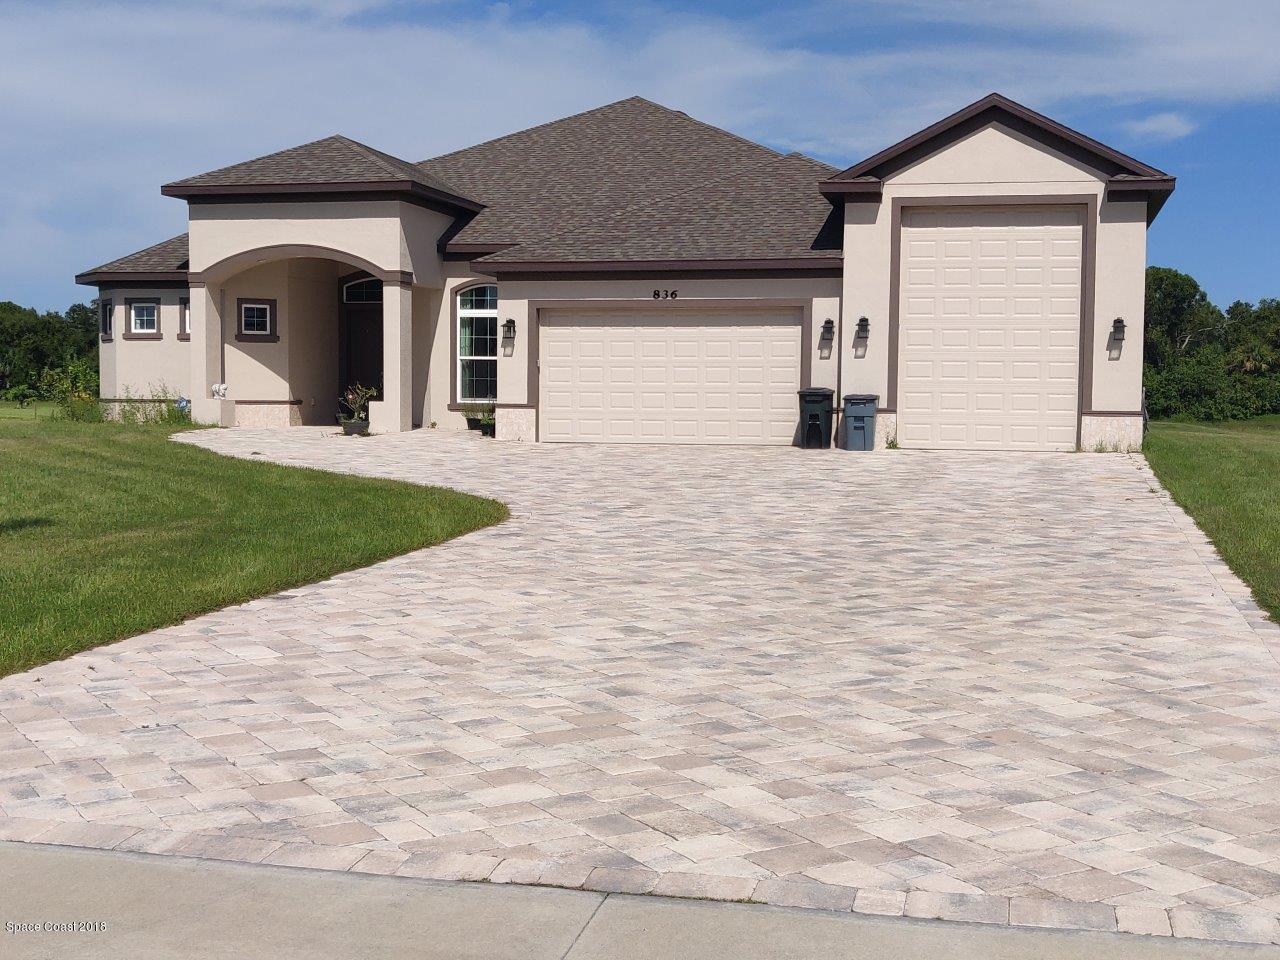 Casa para uma família para Venda às 836 Whimsical 836 Whimsical Malabar, Florida 32950 Estados Unidos